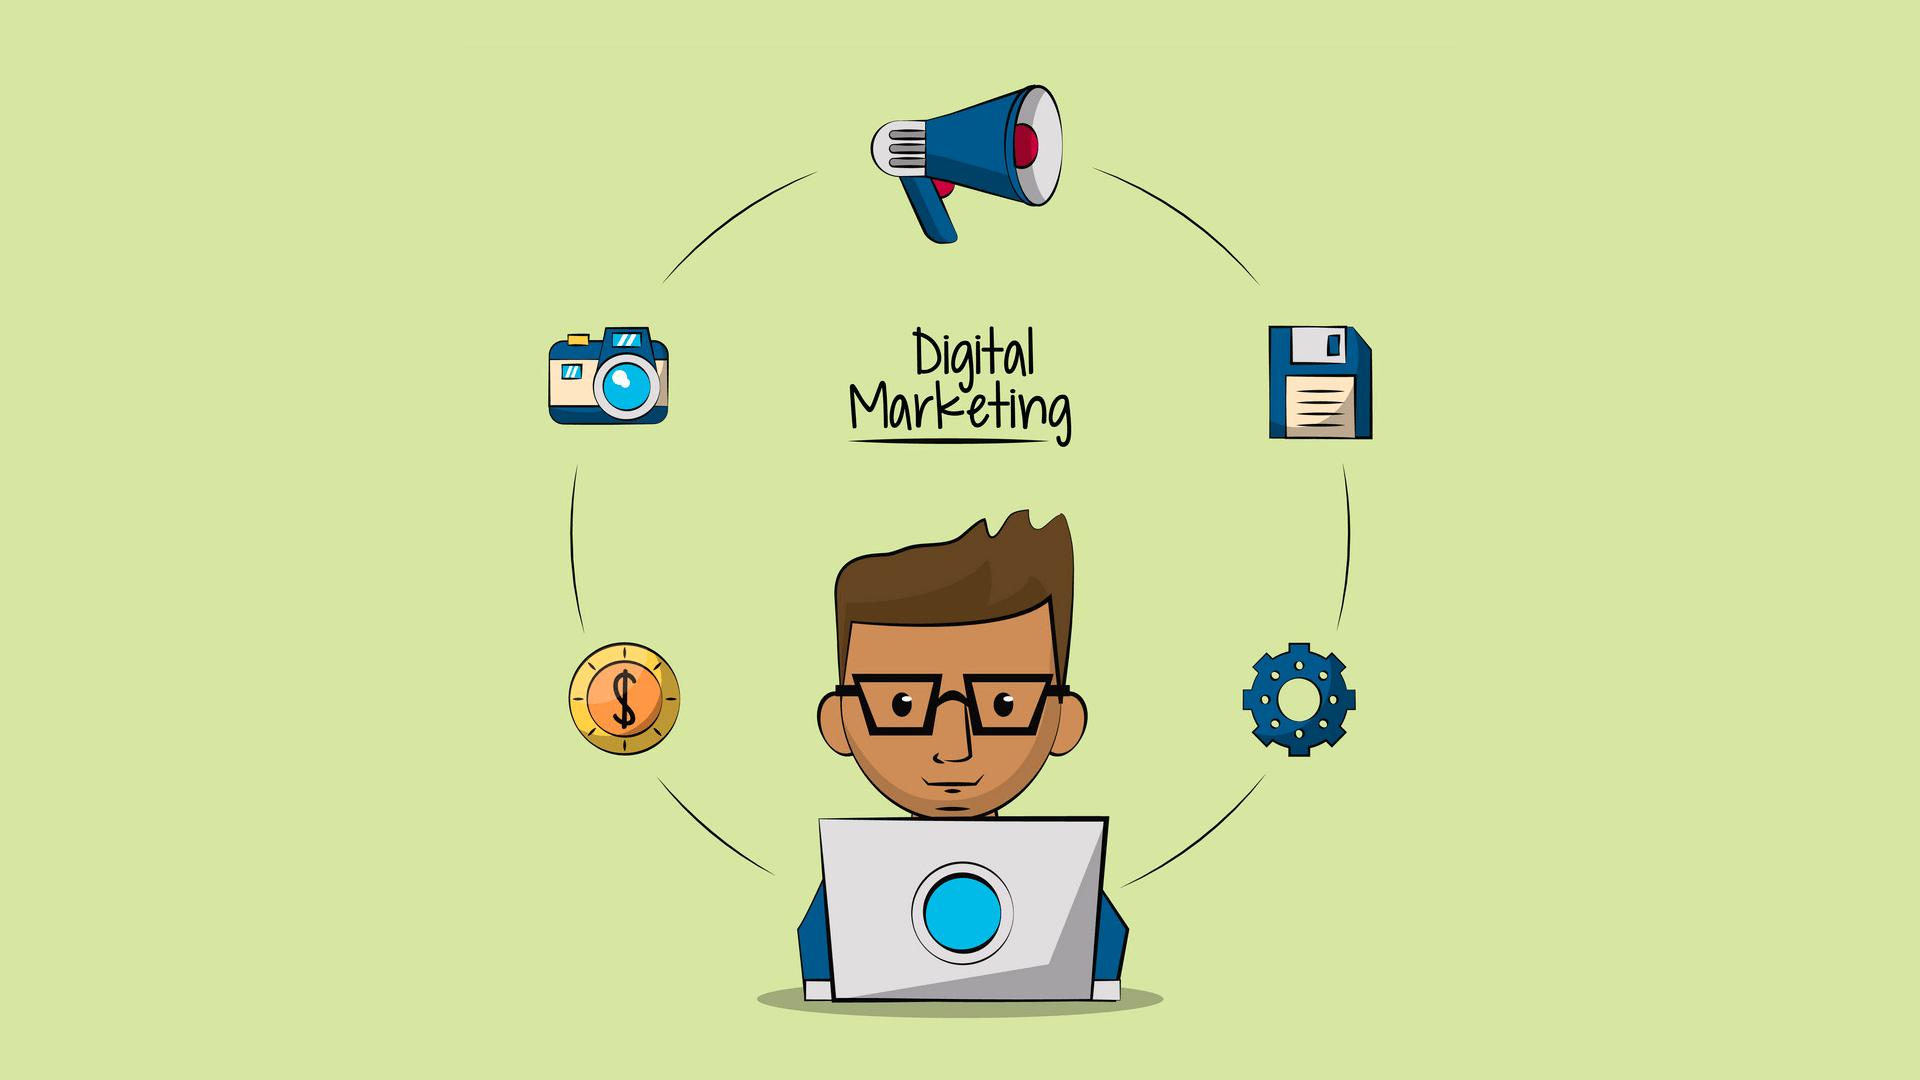 Ne Tür Dijital İçerik Oluşturmak Gerekir?